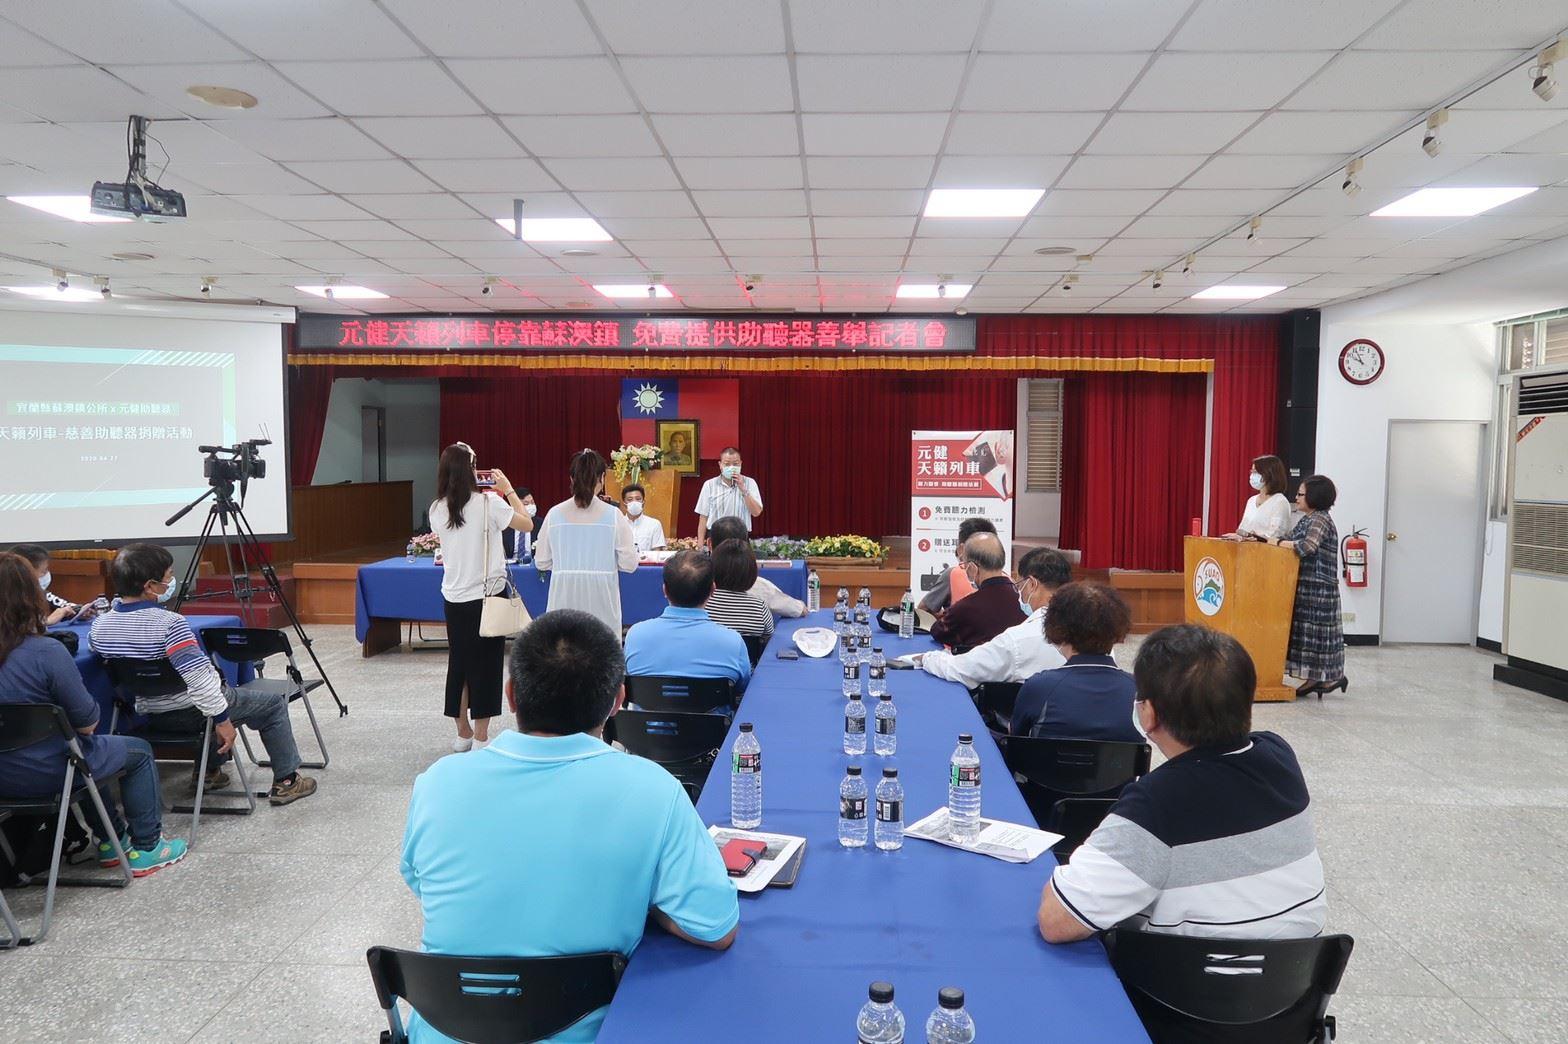 元健天籟列車-助聽器捐贈-代表會主席致詞